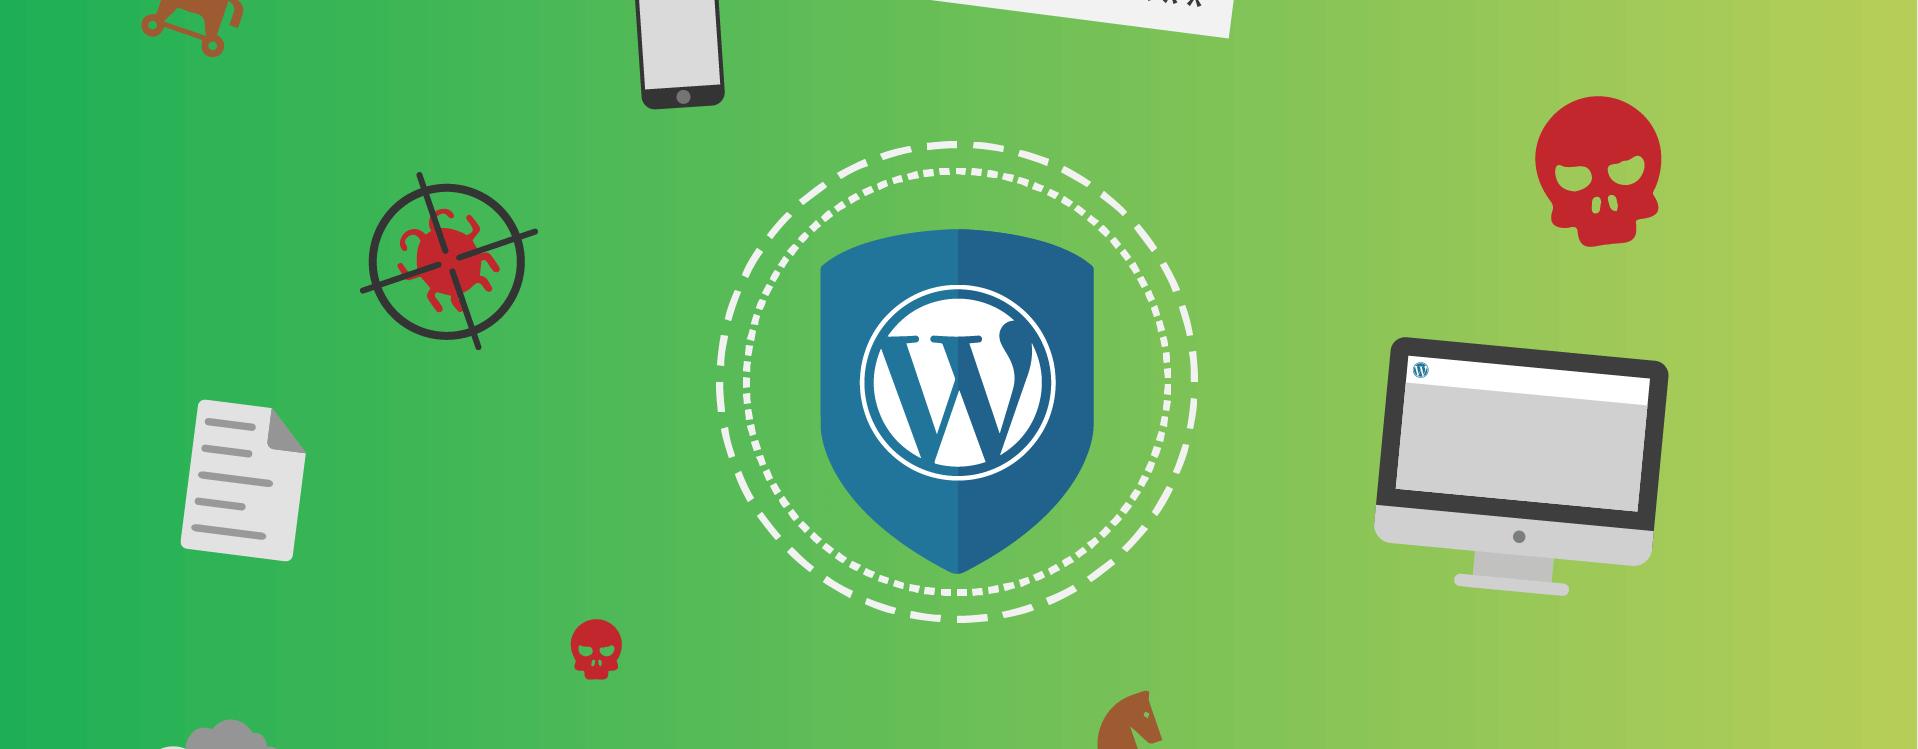 WordPress Firewall Setup